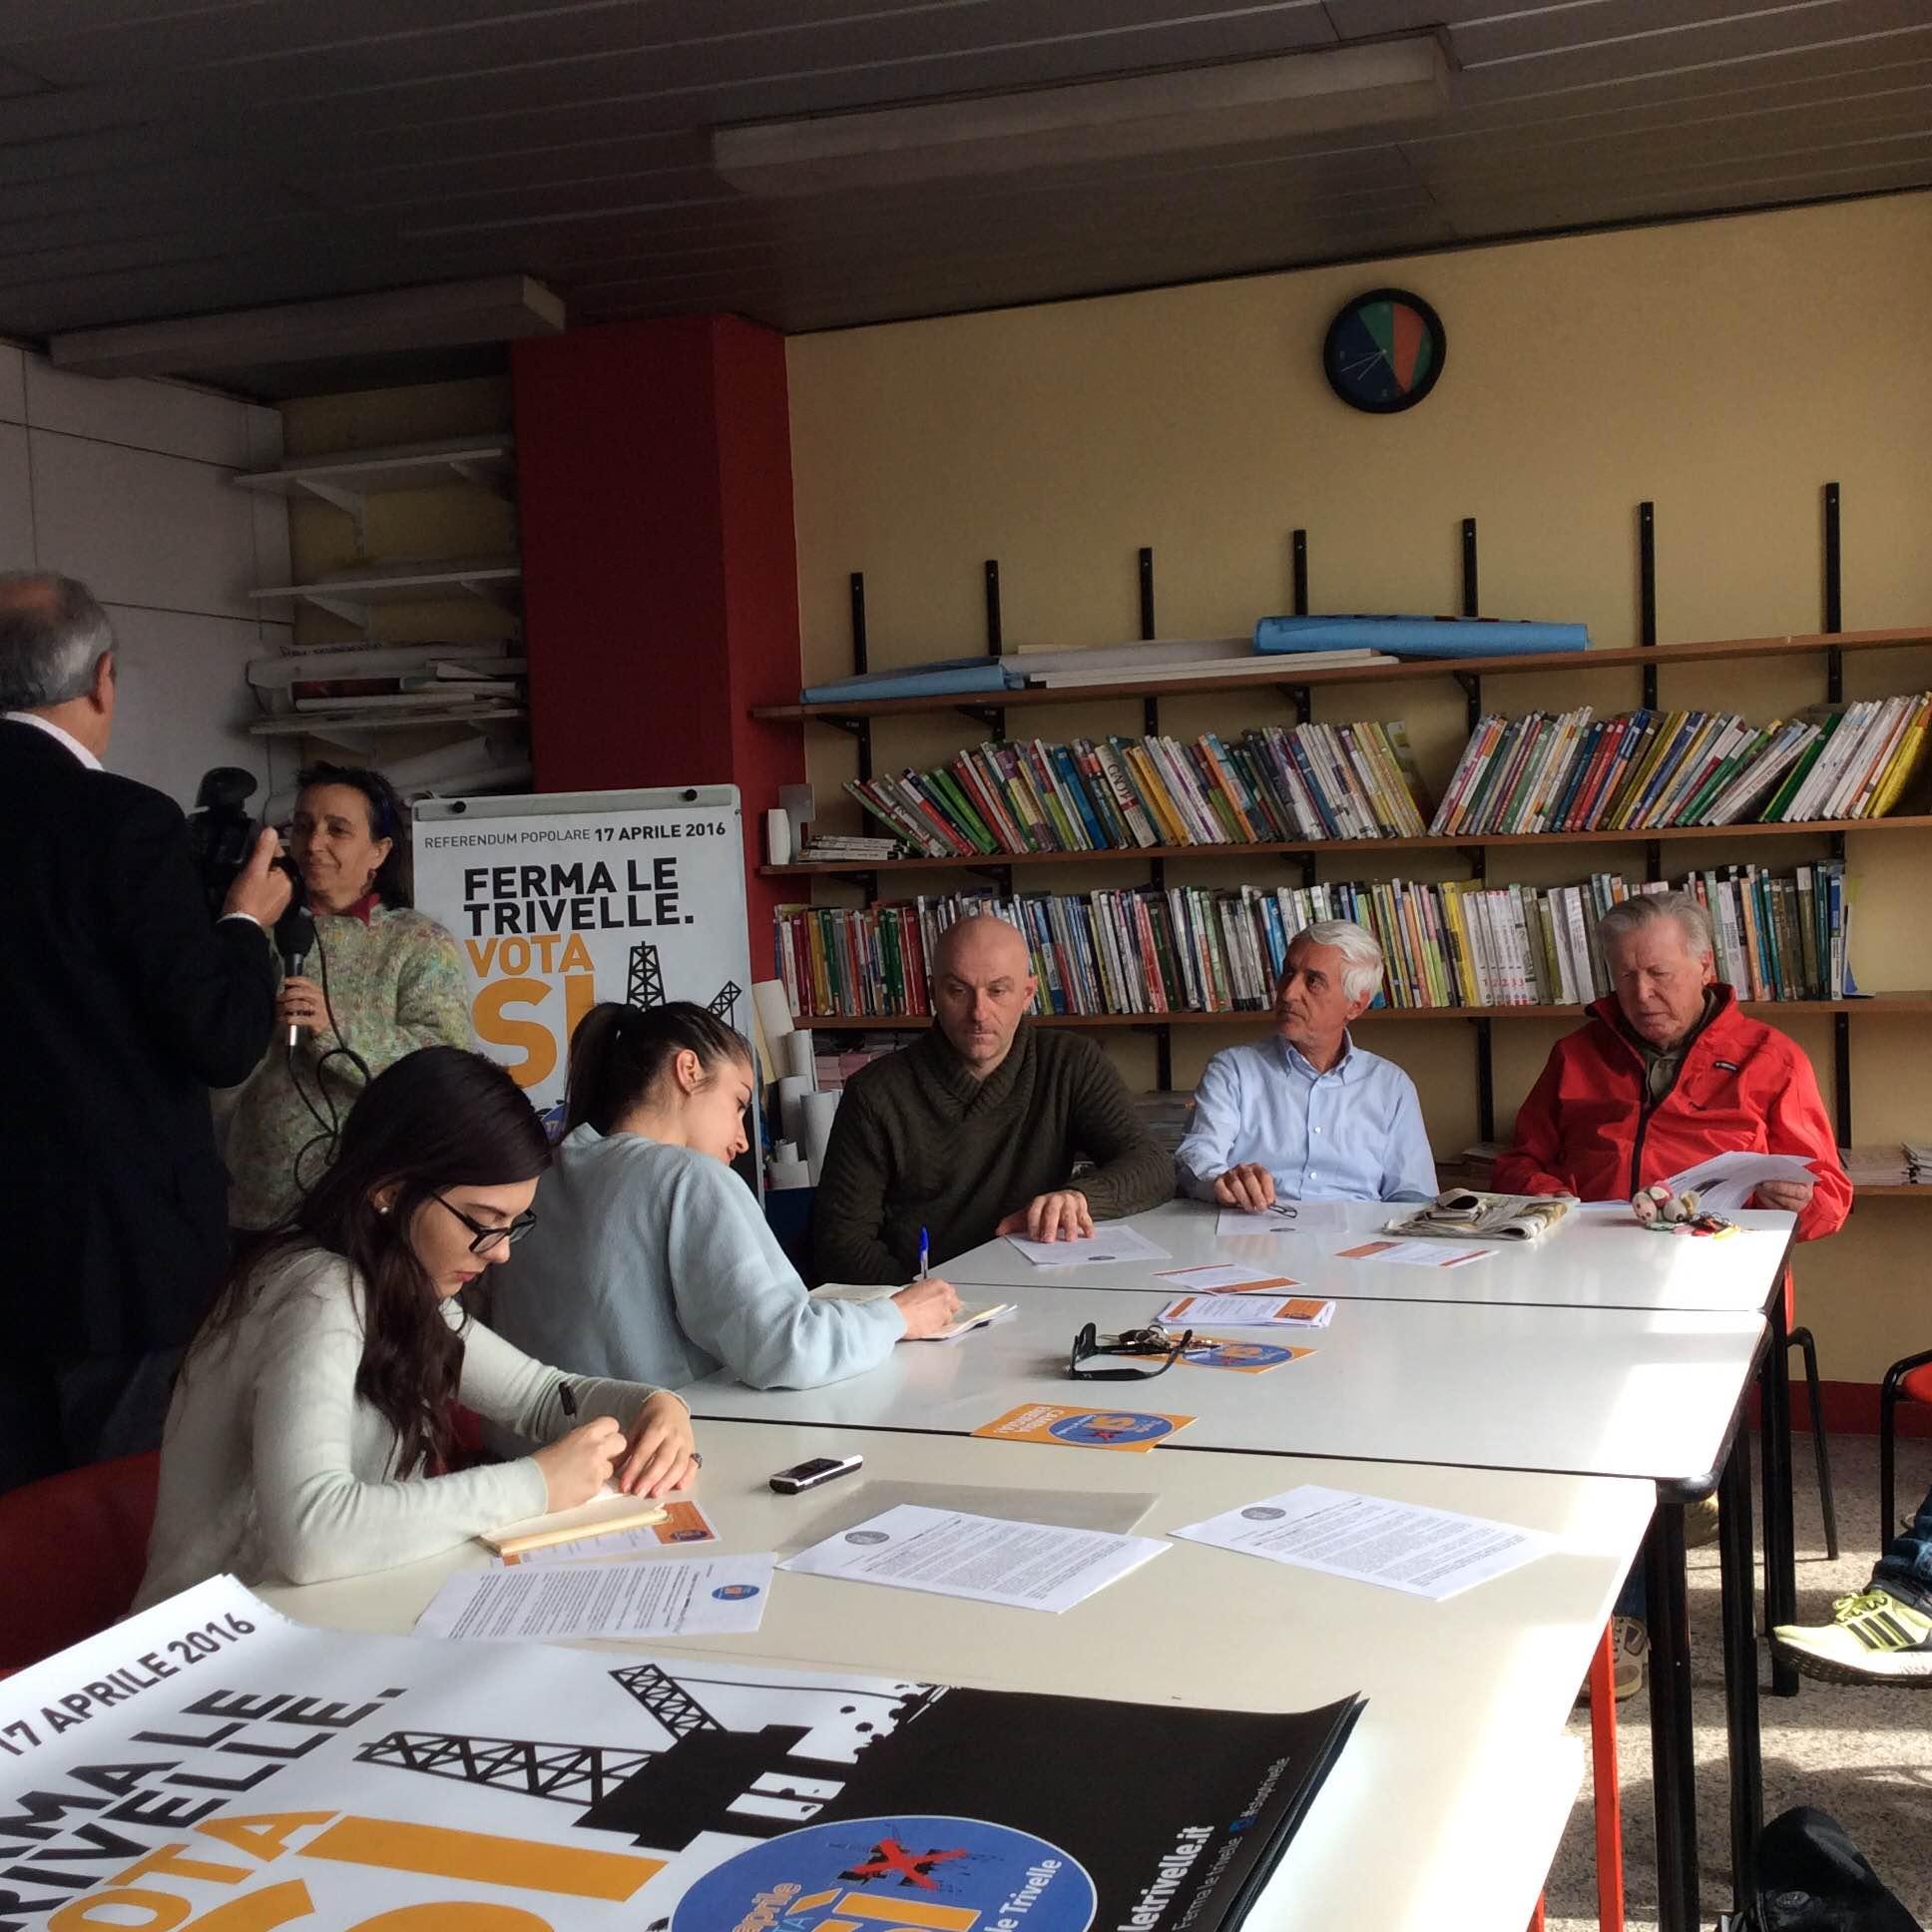 Le iniziative del comitato anti-trivelle